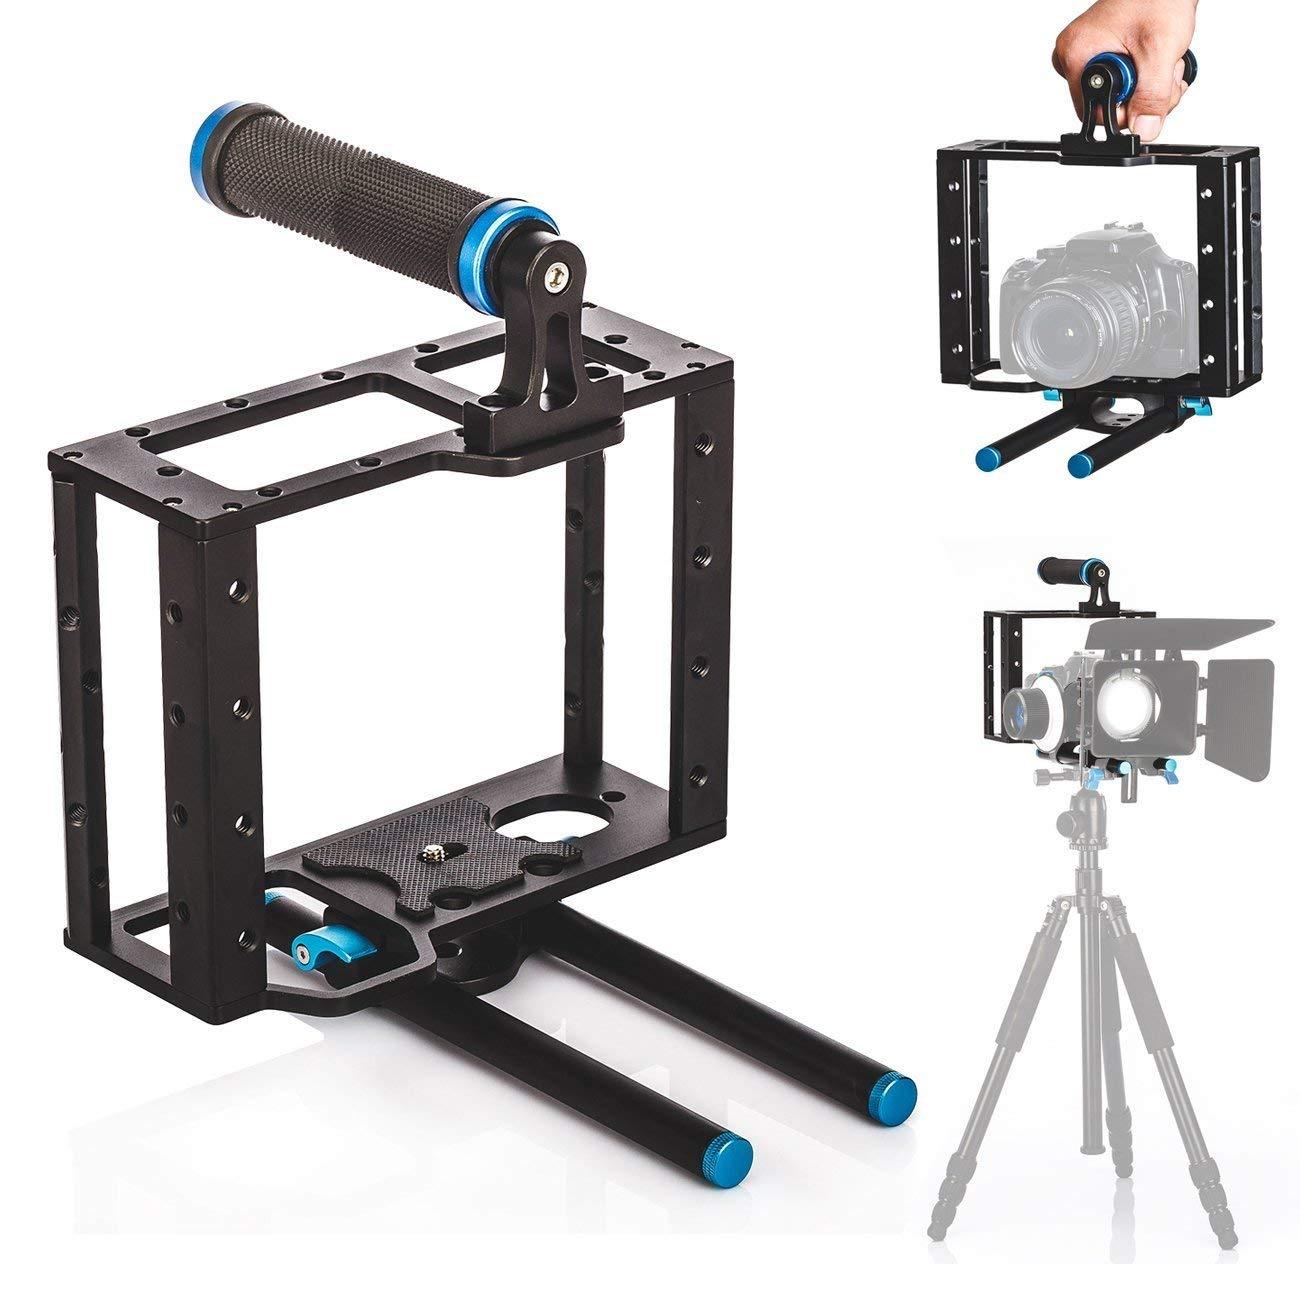 DSstyles デジタル一眼レフカメラ アルミニウムケージ 15mmロッドリグトップハンドルキット Canon用   B07M7GJ9QJ